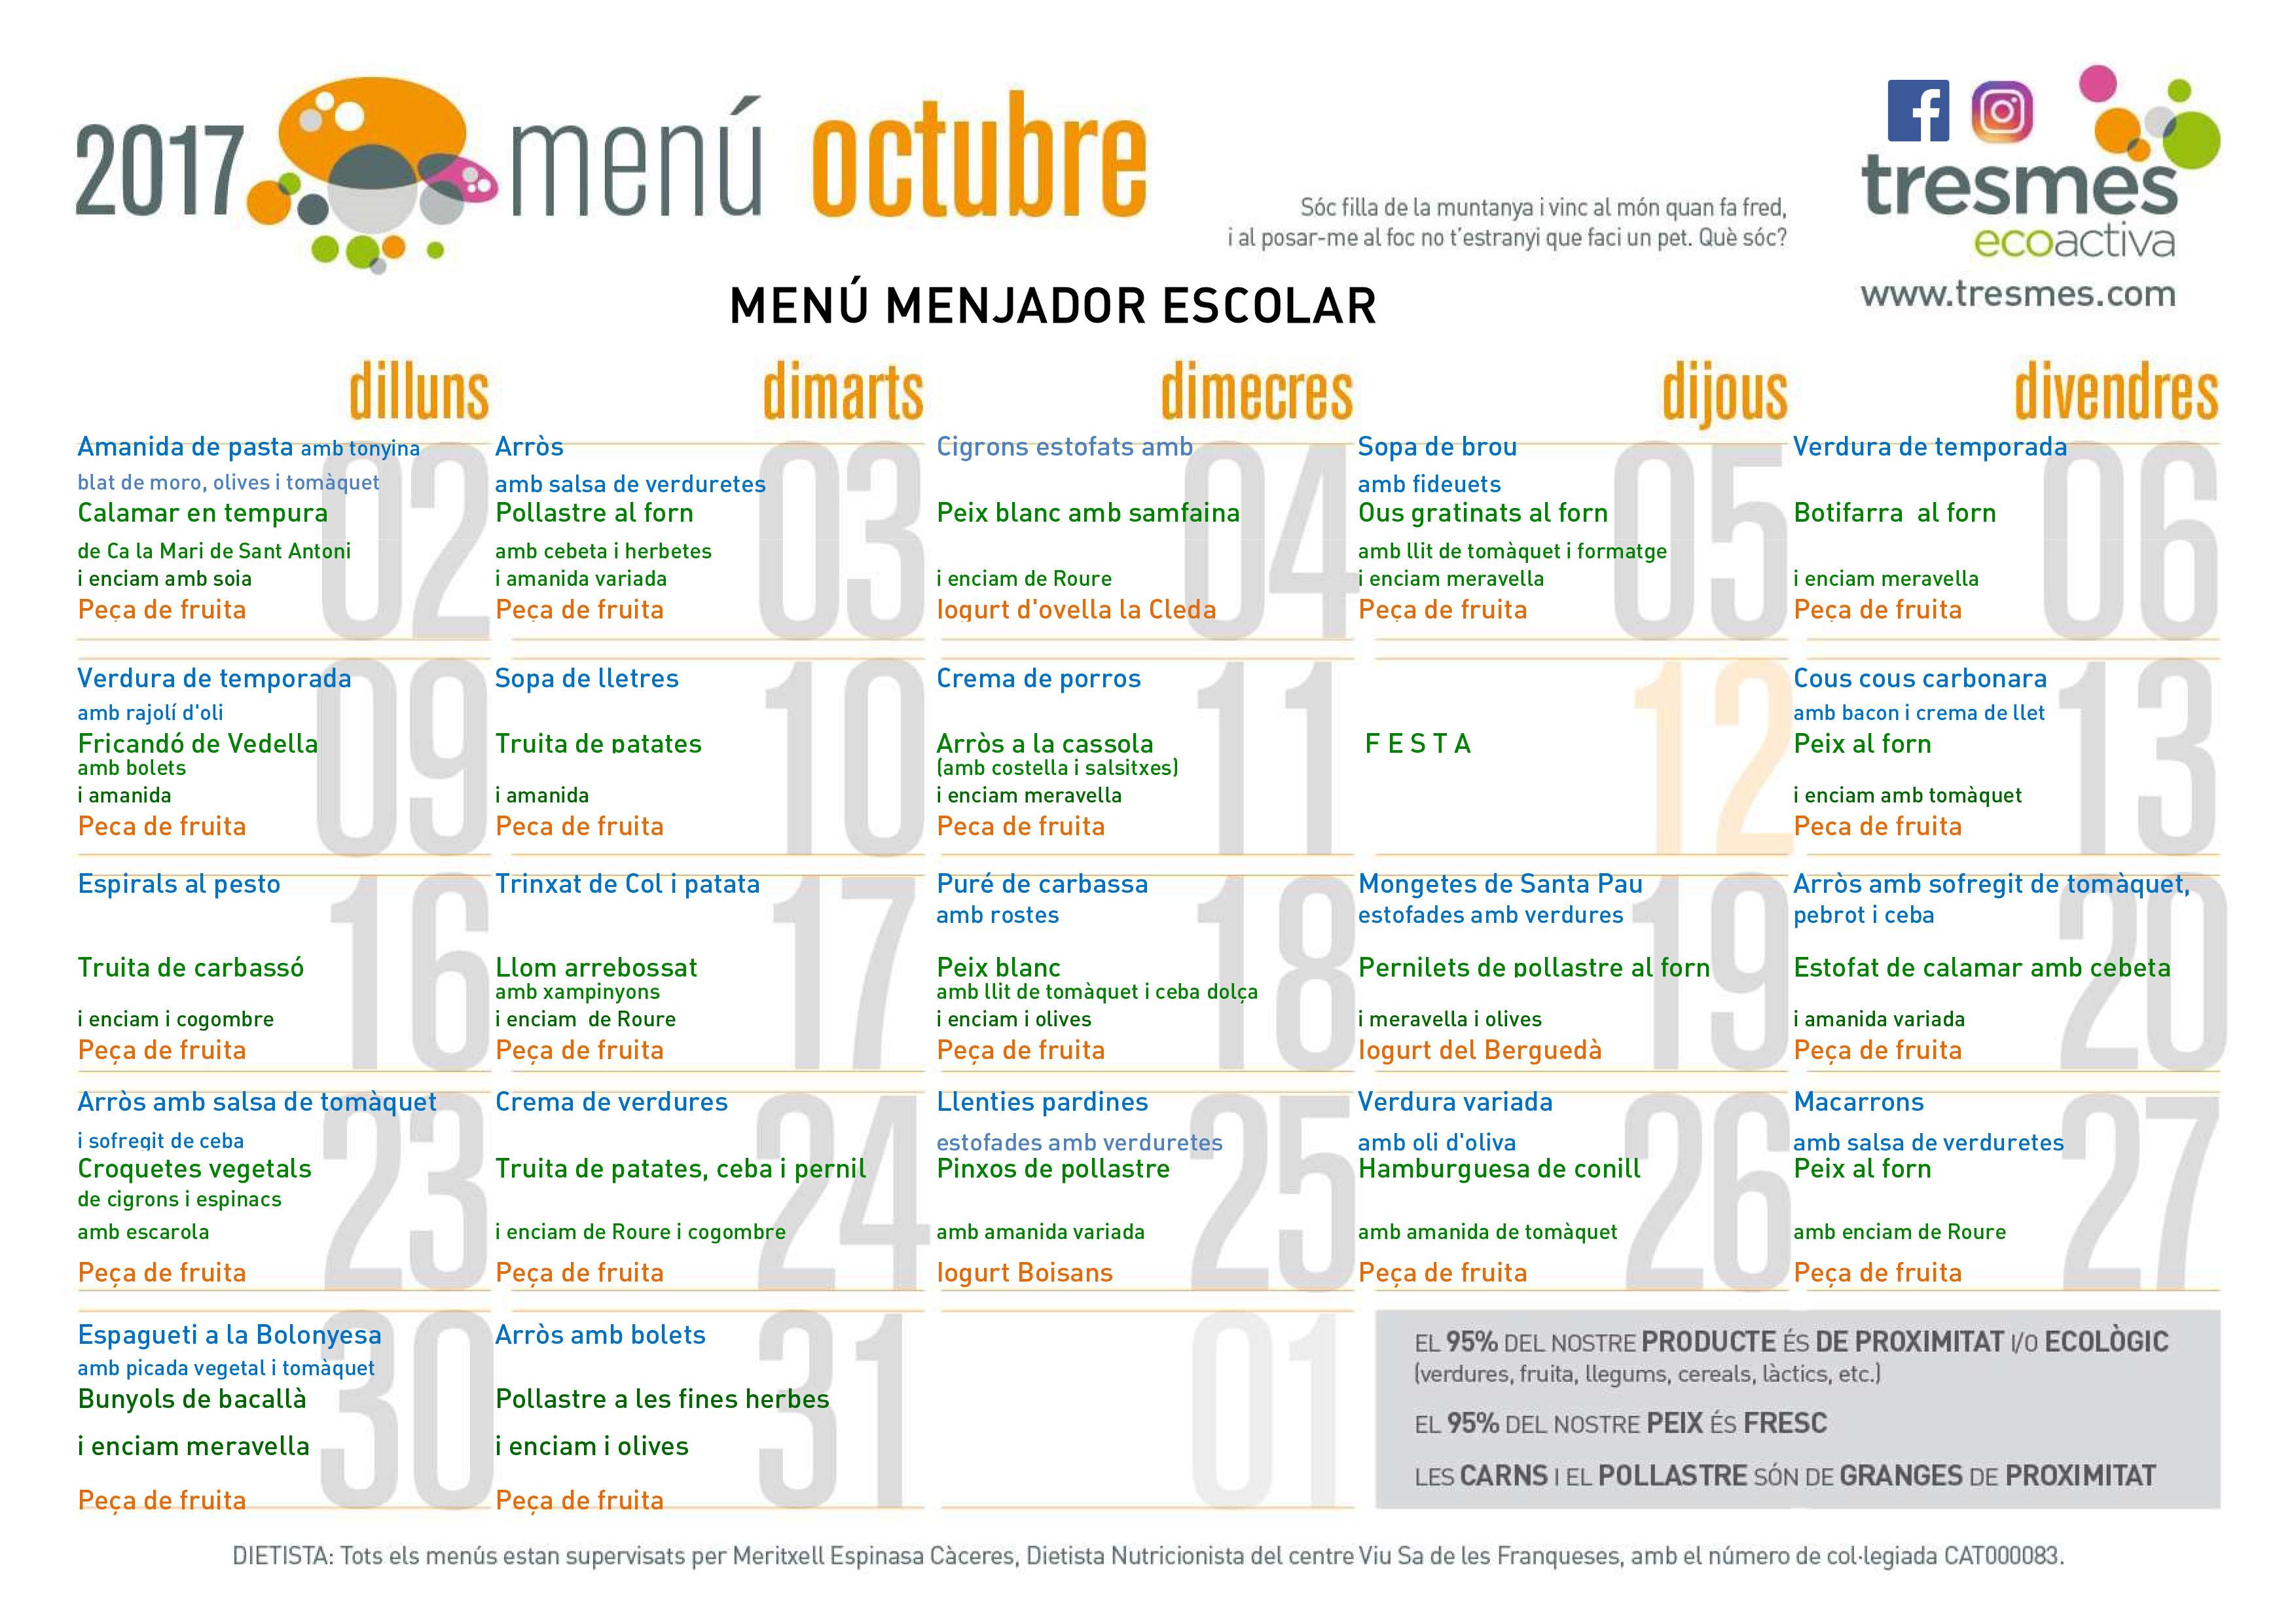 Microsoft Word - 0 MENU MENJADOR_octubre2017 nens